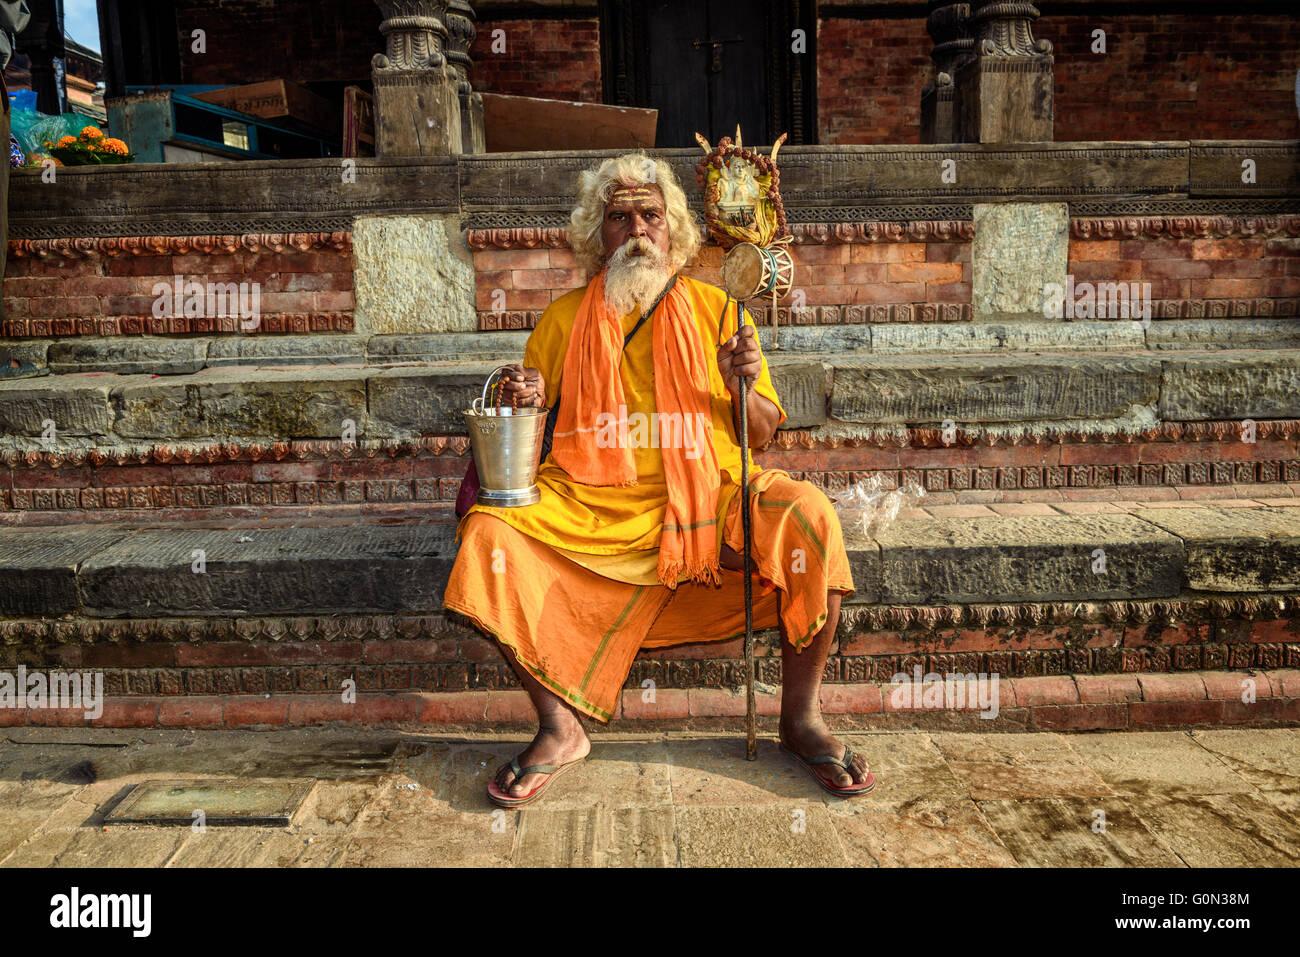 Wandering  sadhu baba (holy man) in ancient Pashupatinath Temple - Stock Image